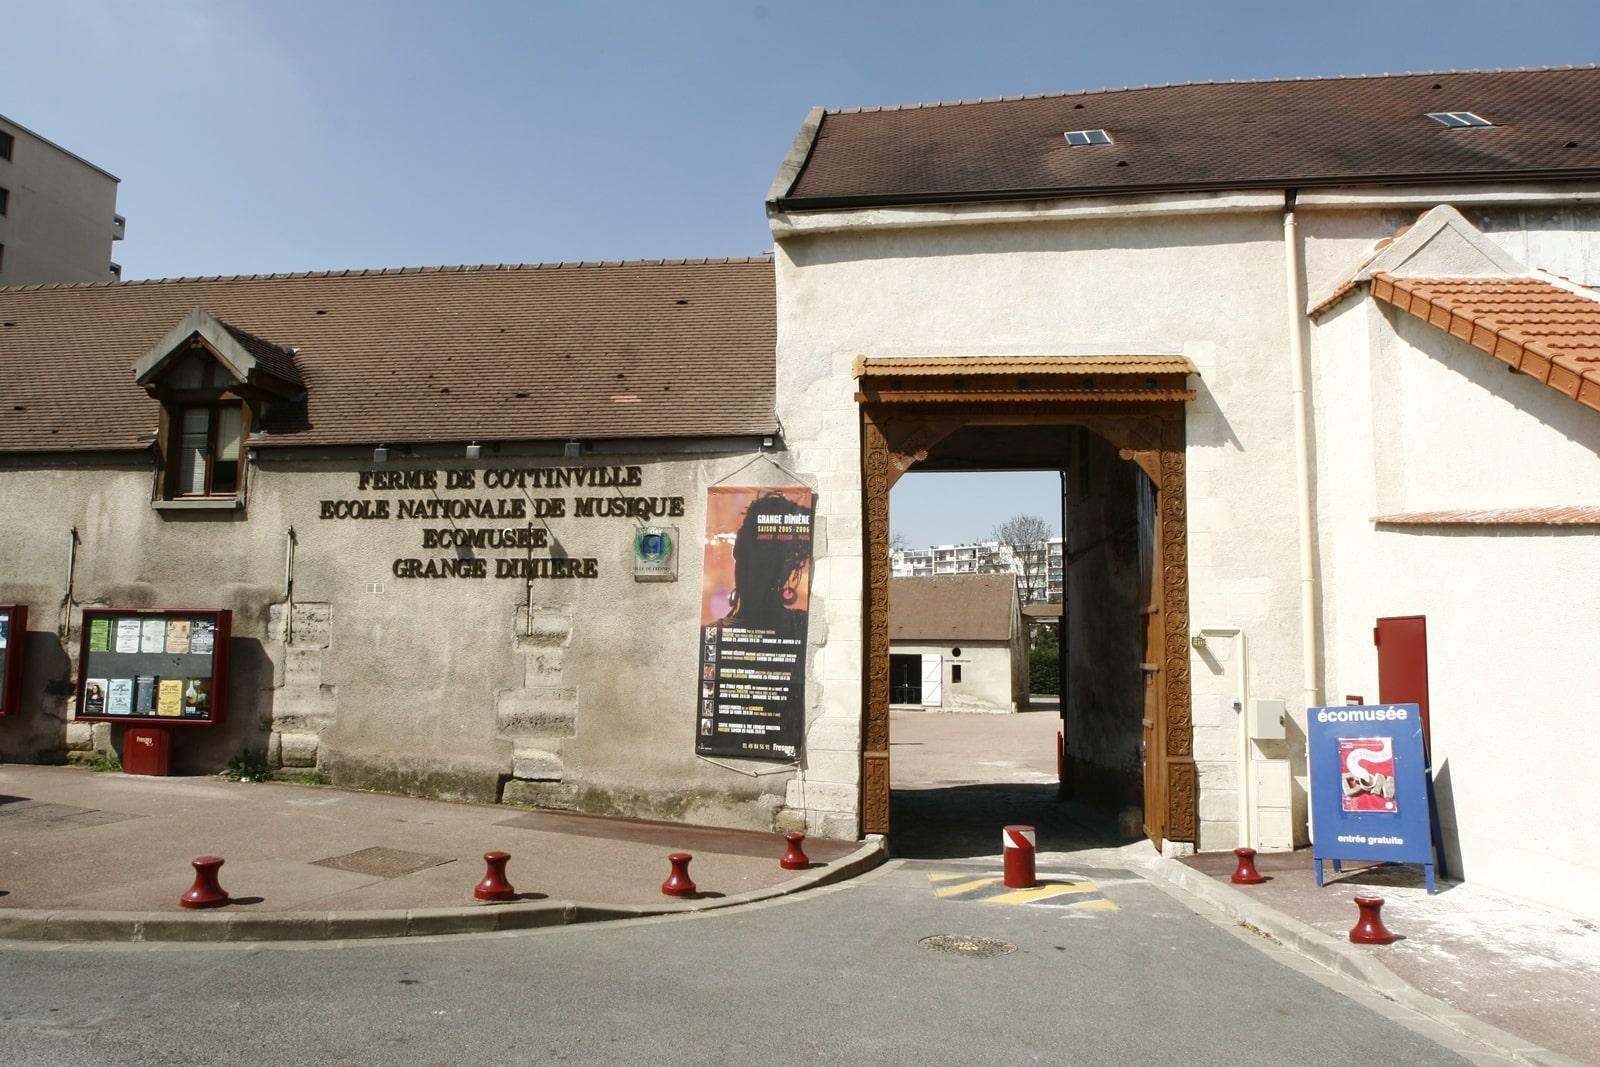 Ecomusee-Val-de-Bievre-4